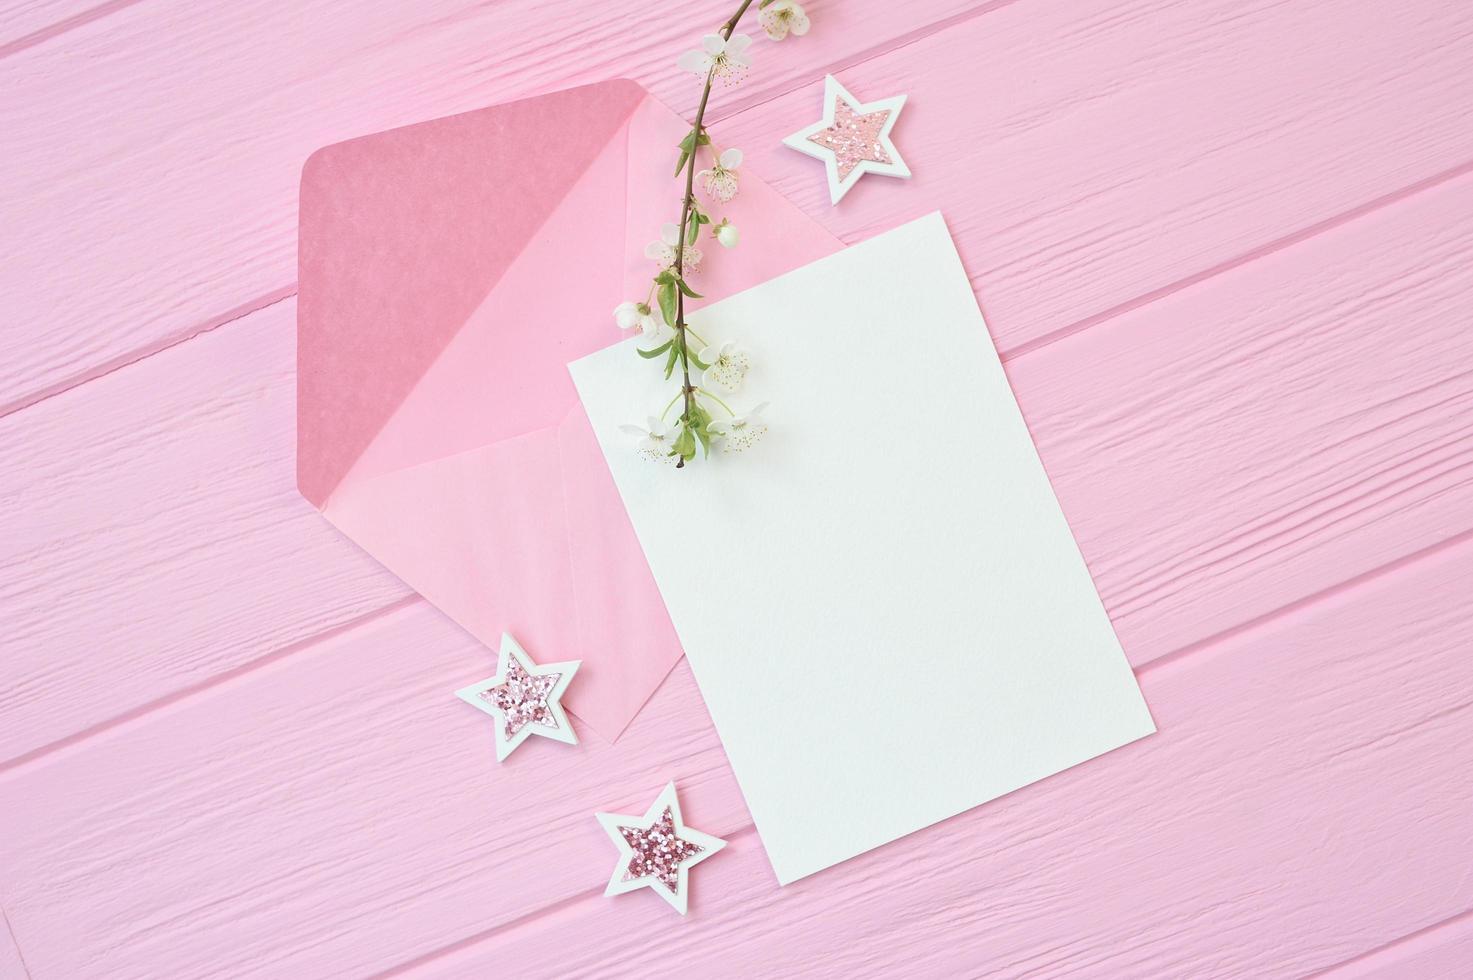 Modellpapier mit Laub und rosa Hintergrund foto